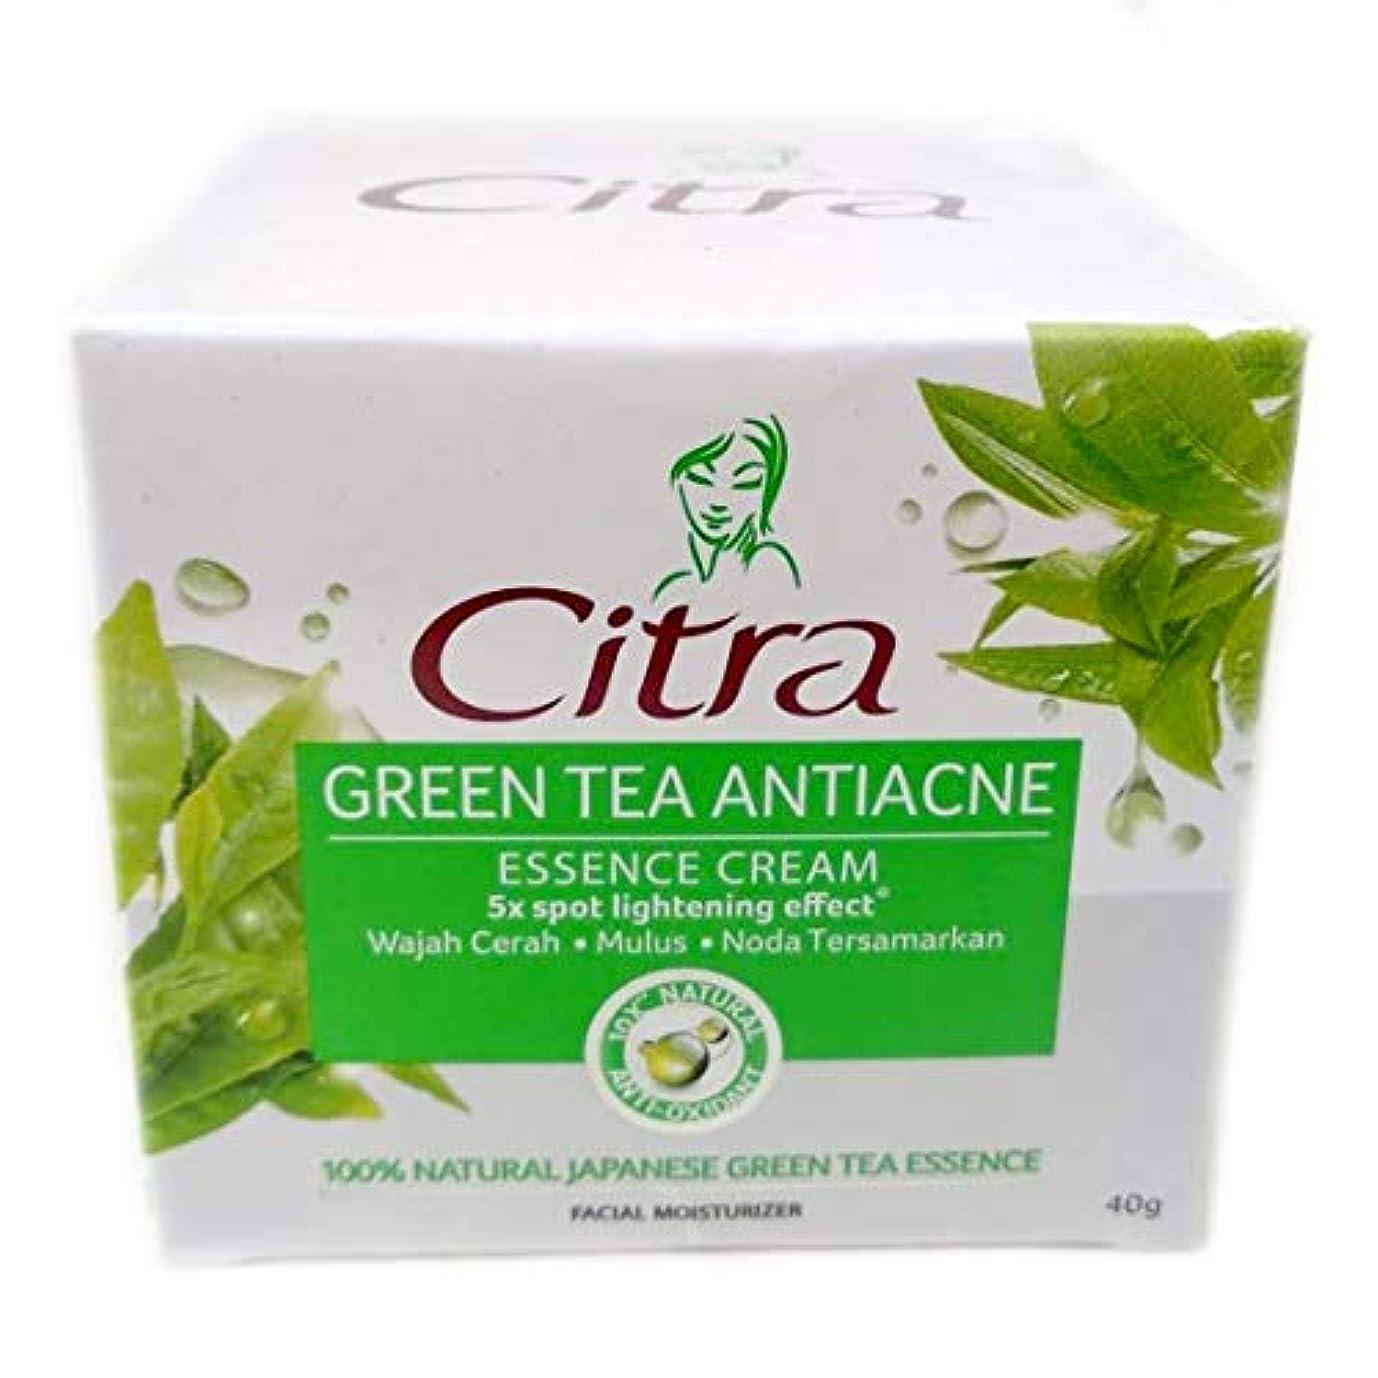 政治的南東暴動Citra チトラ Facial Moisturizer フェイシャルモイスチャライザー エッセンシャルフェイスクリーム Green Tea Antiacne 40g [海外直送品]